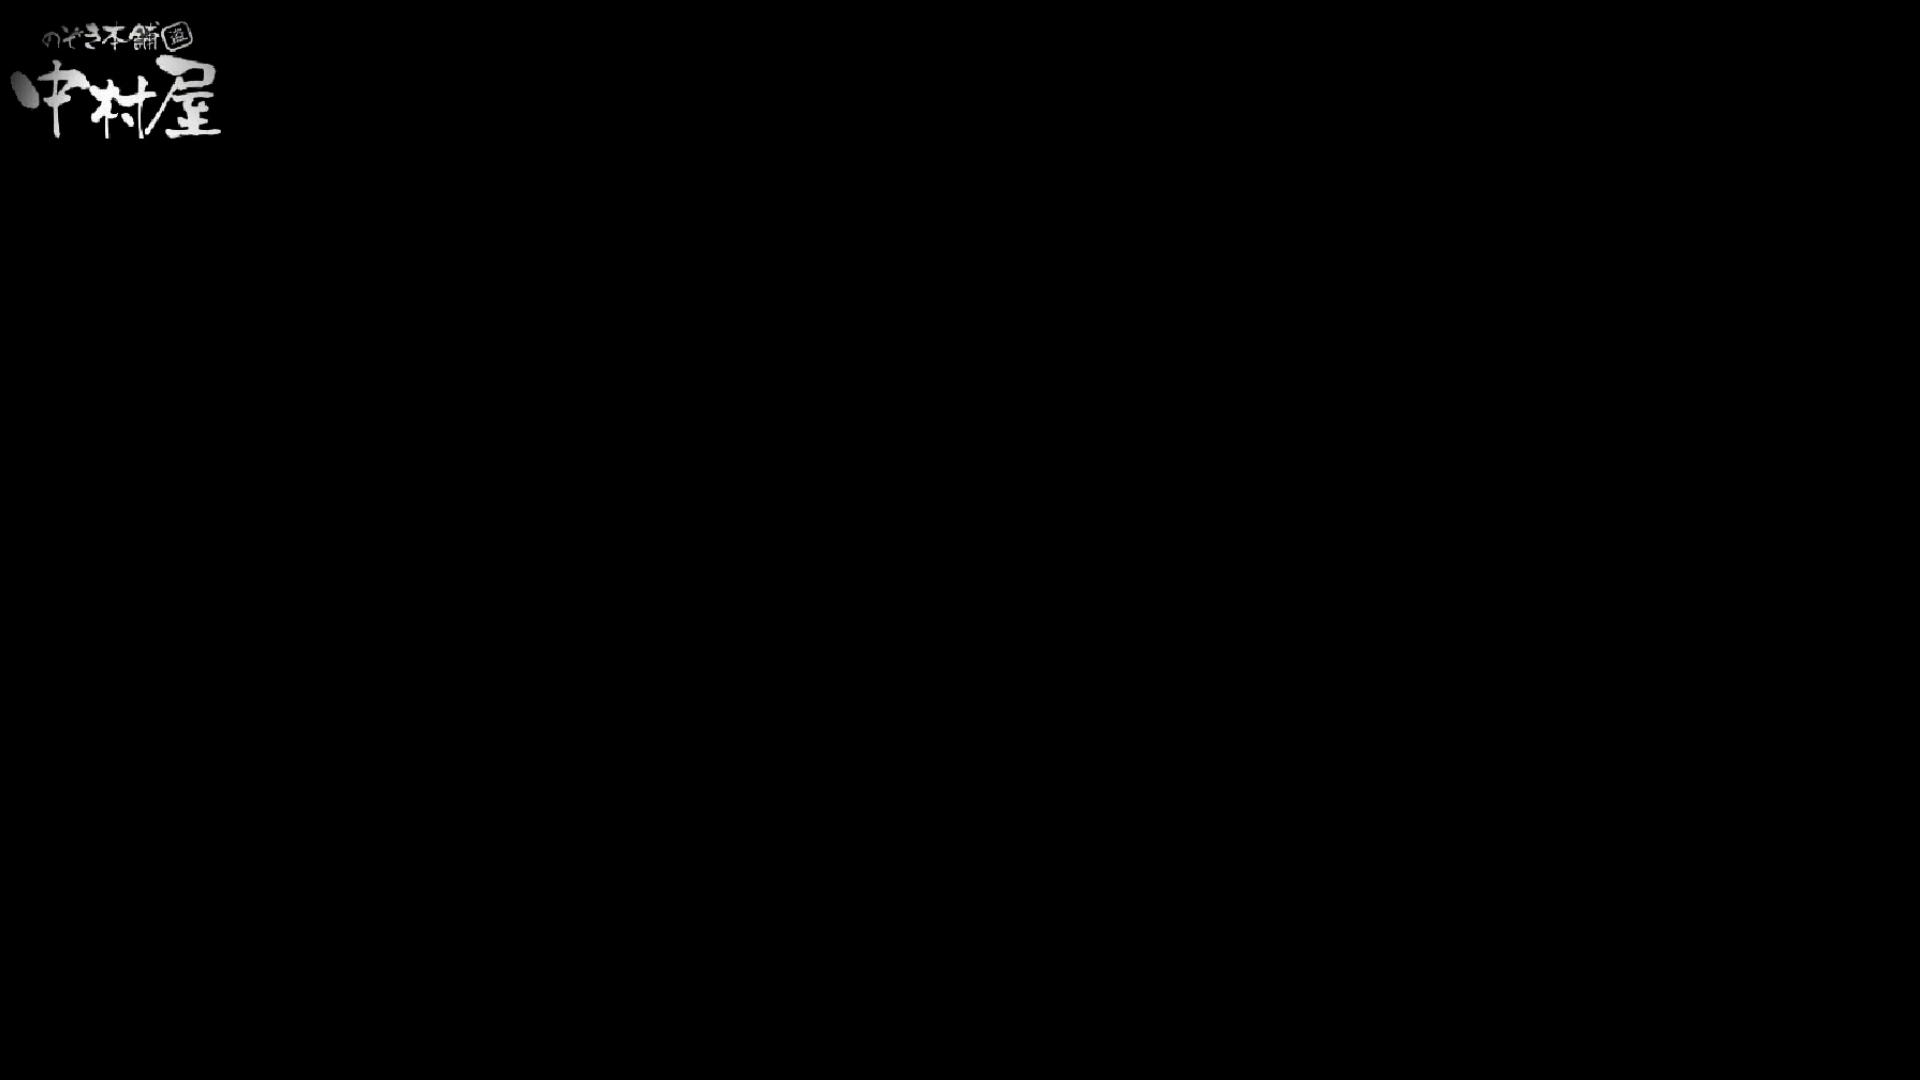 雅さんが厳選年末特別コンテンツ!激走!東京マラソン選手専用女子トイレvol.4 お尻 盗み撮りオマンコ動画キャプチャ 91画像 27